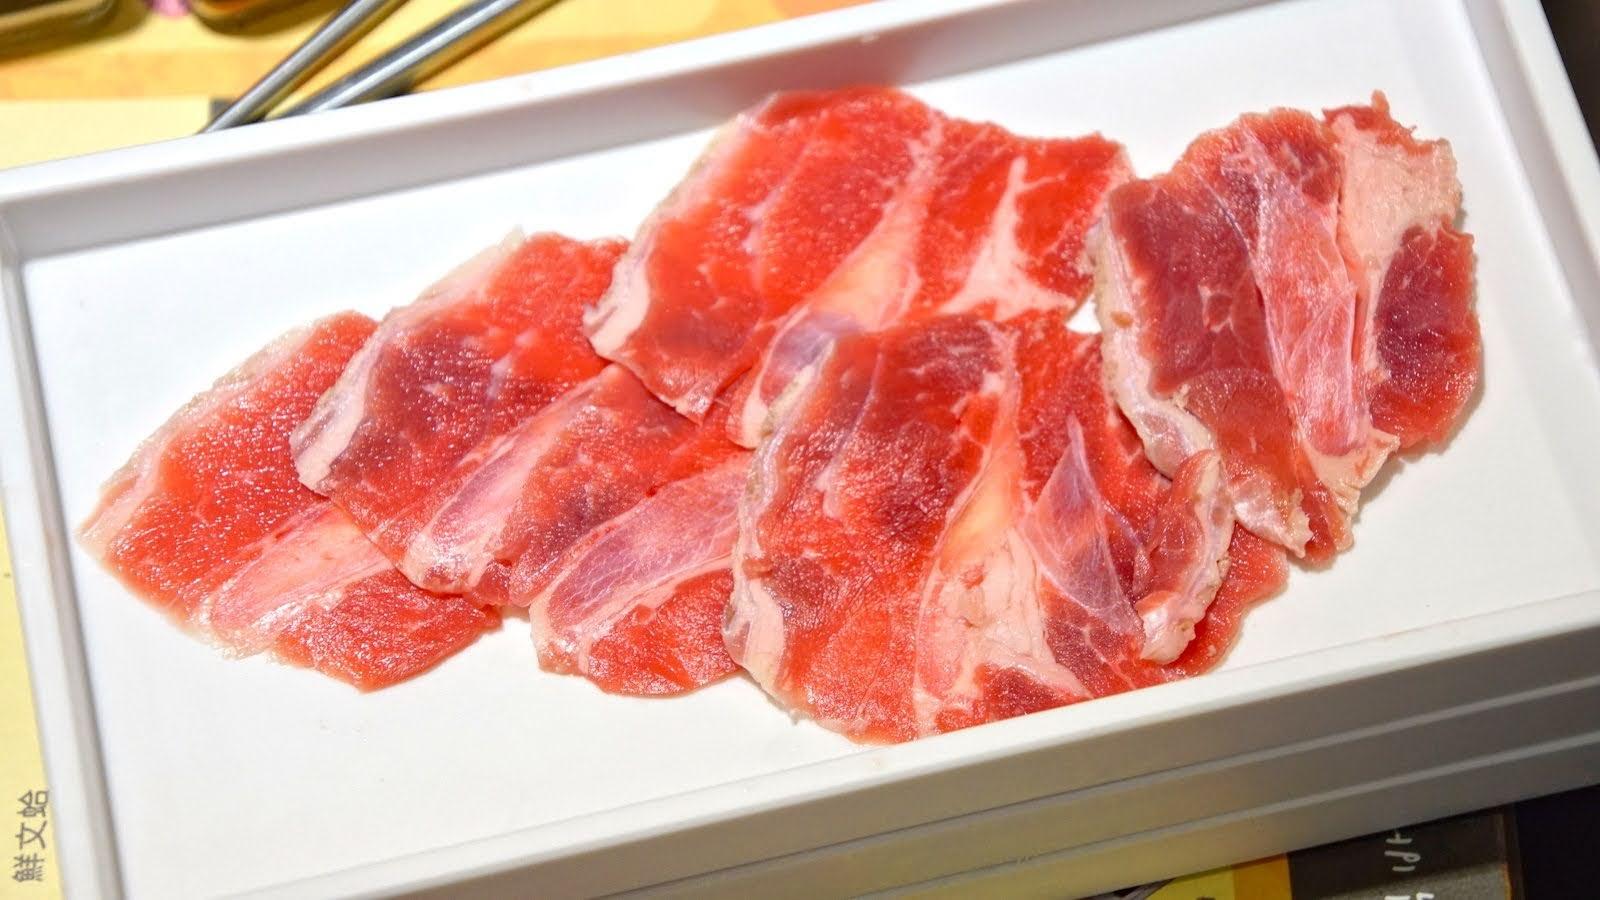 [台南][東區] 咚豬咚豬|韓國烤肉吃到飽|台南東區店|食記